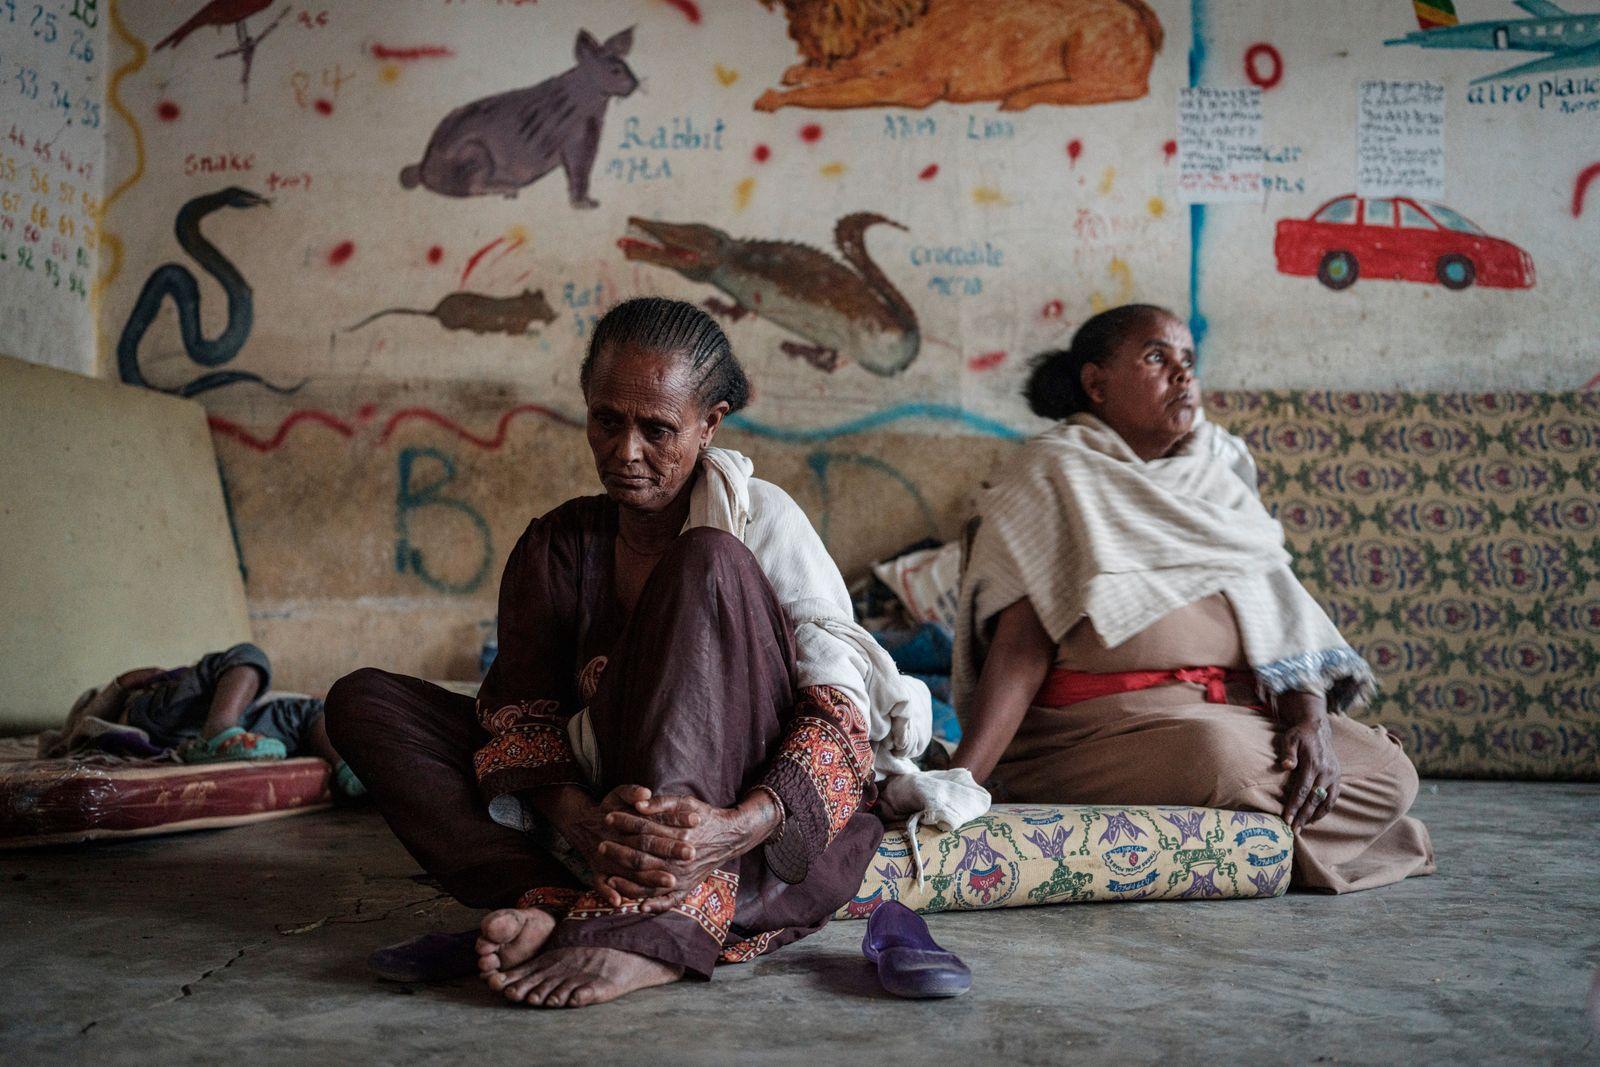 ETHIOPIA-CONFLICT-DISPLACED